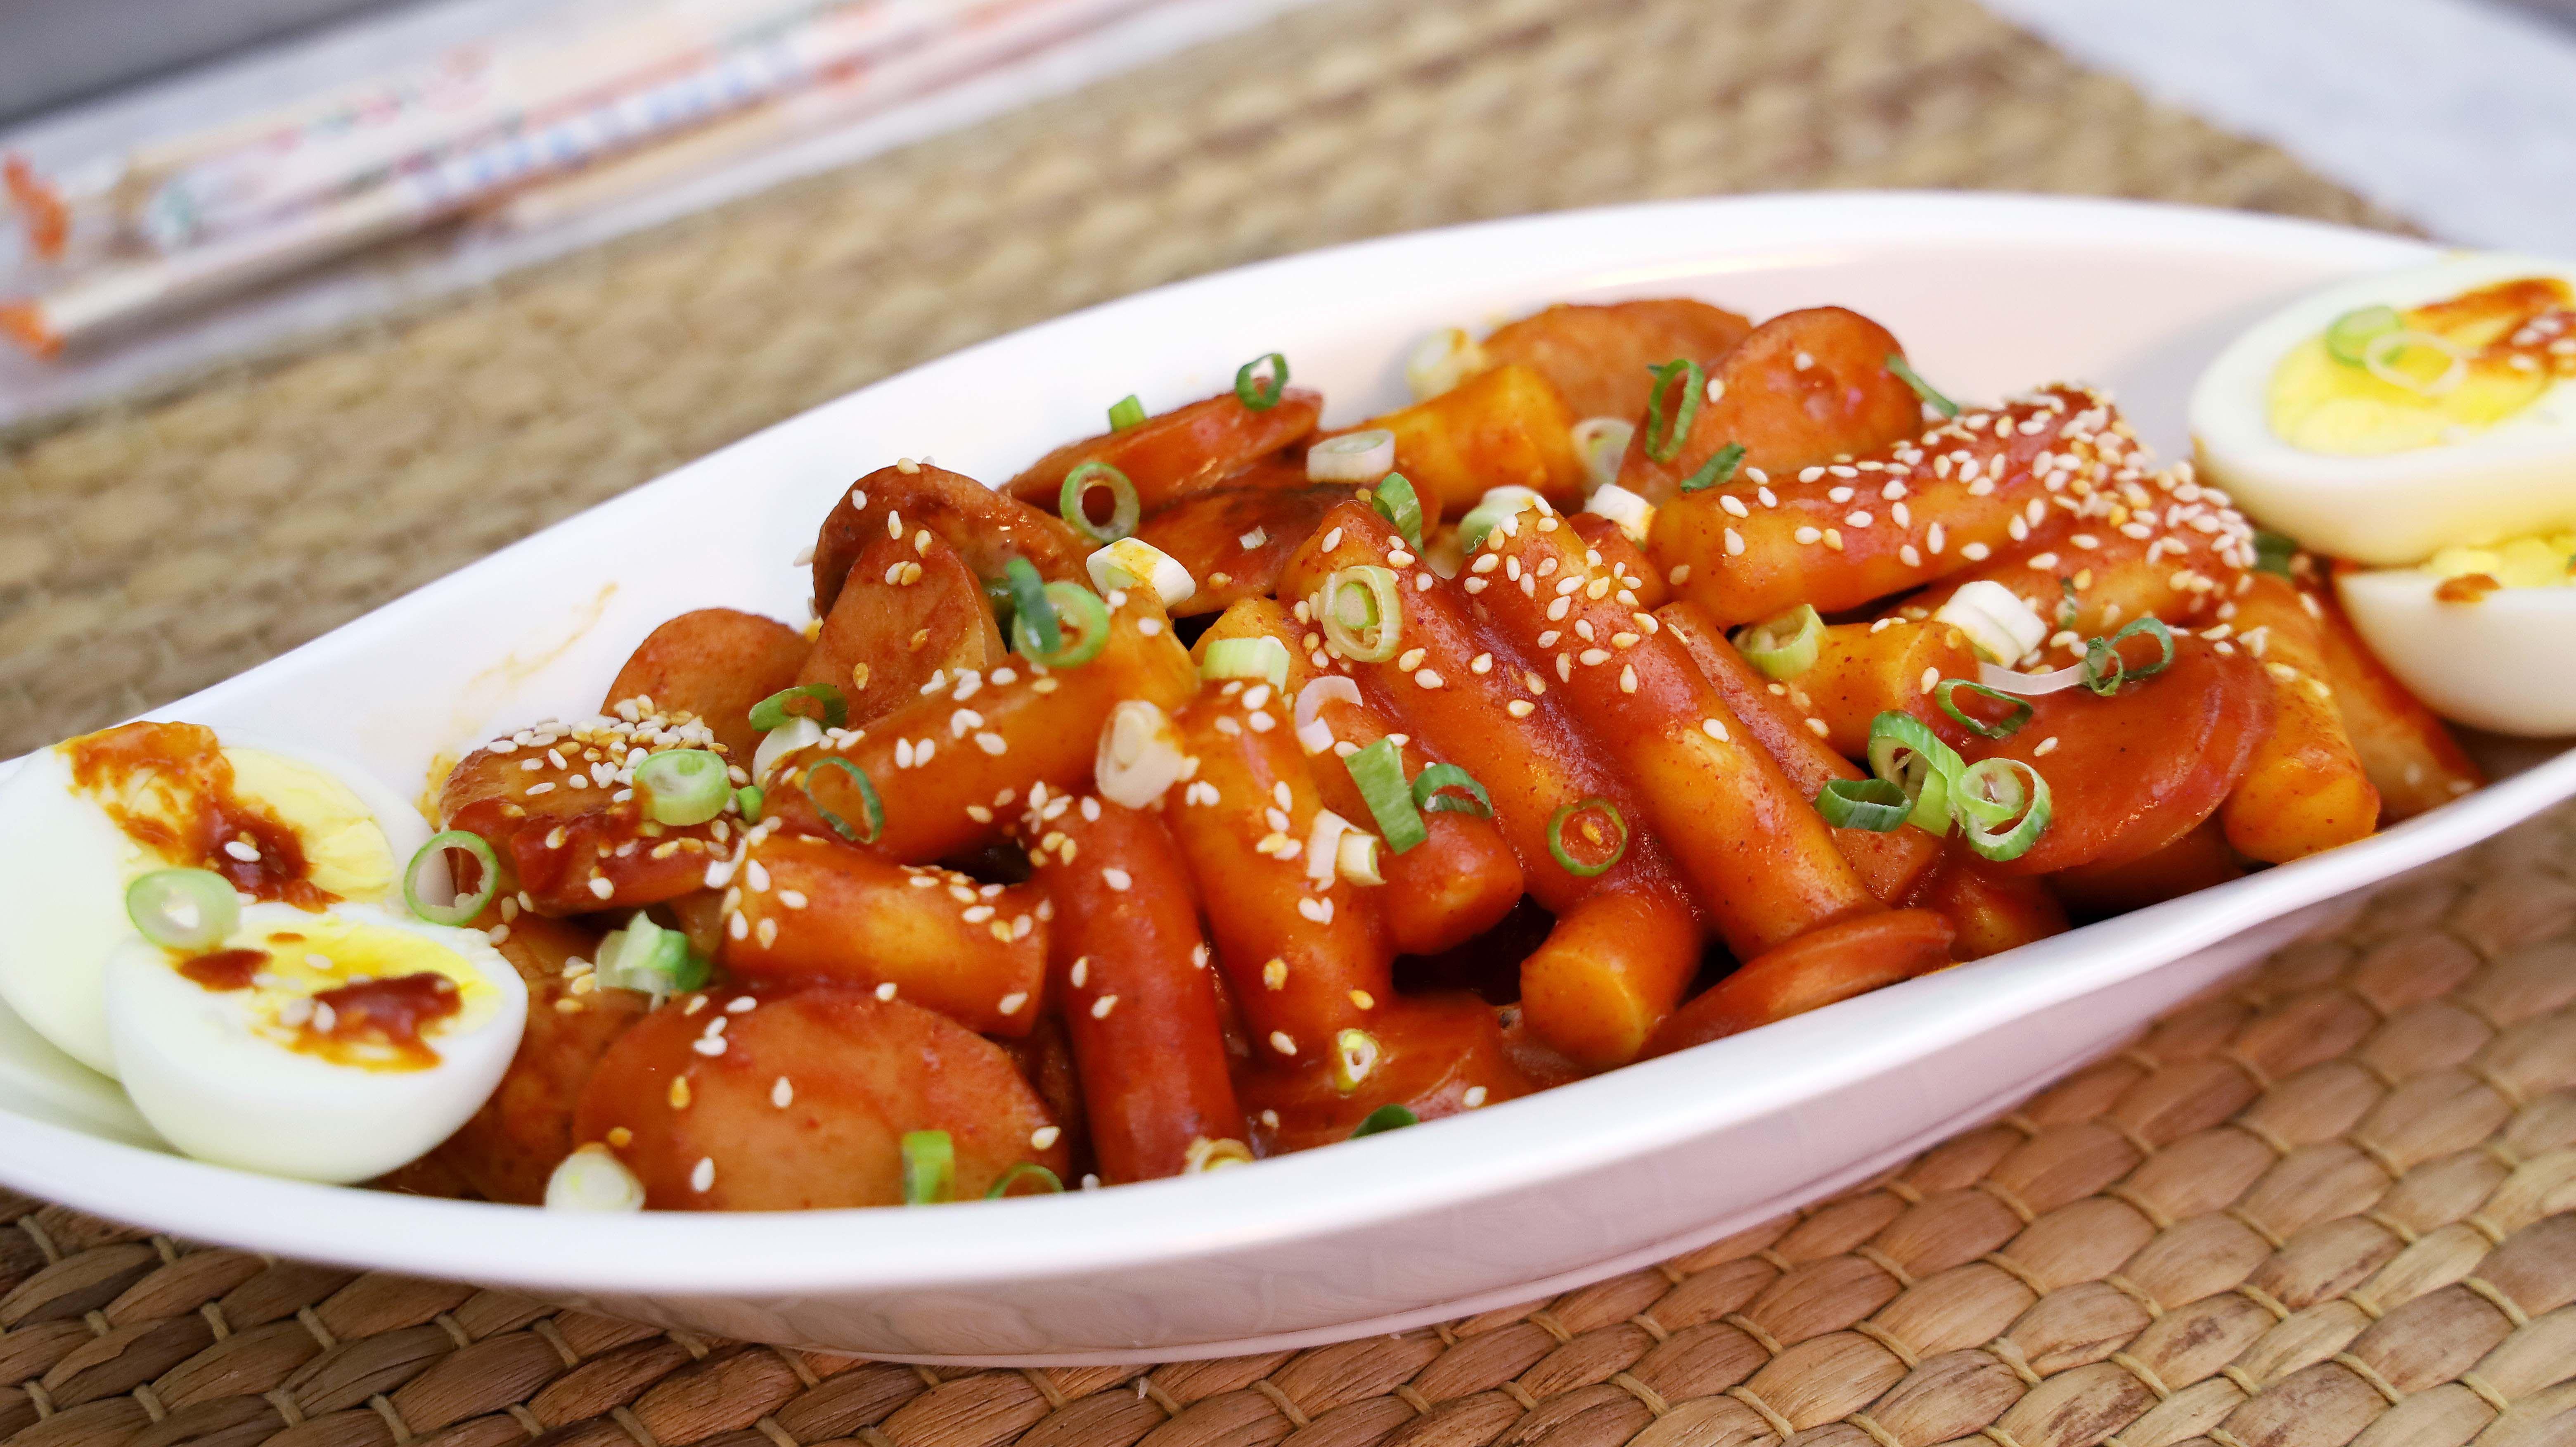 Cheesy Sausage Tteokbokki Resep Masakan Korea Saus Pasta Daging Sapi Cincang